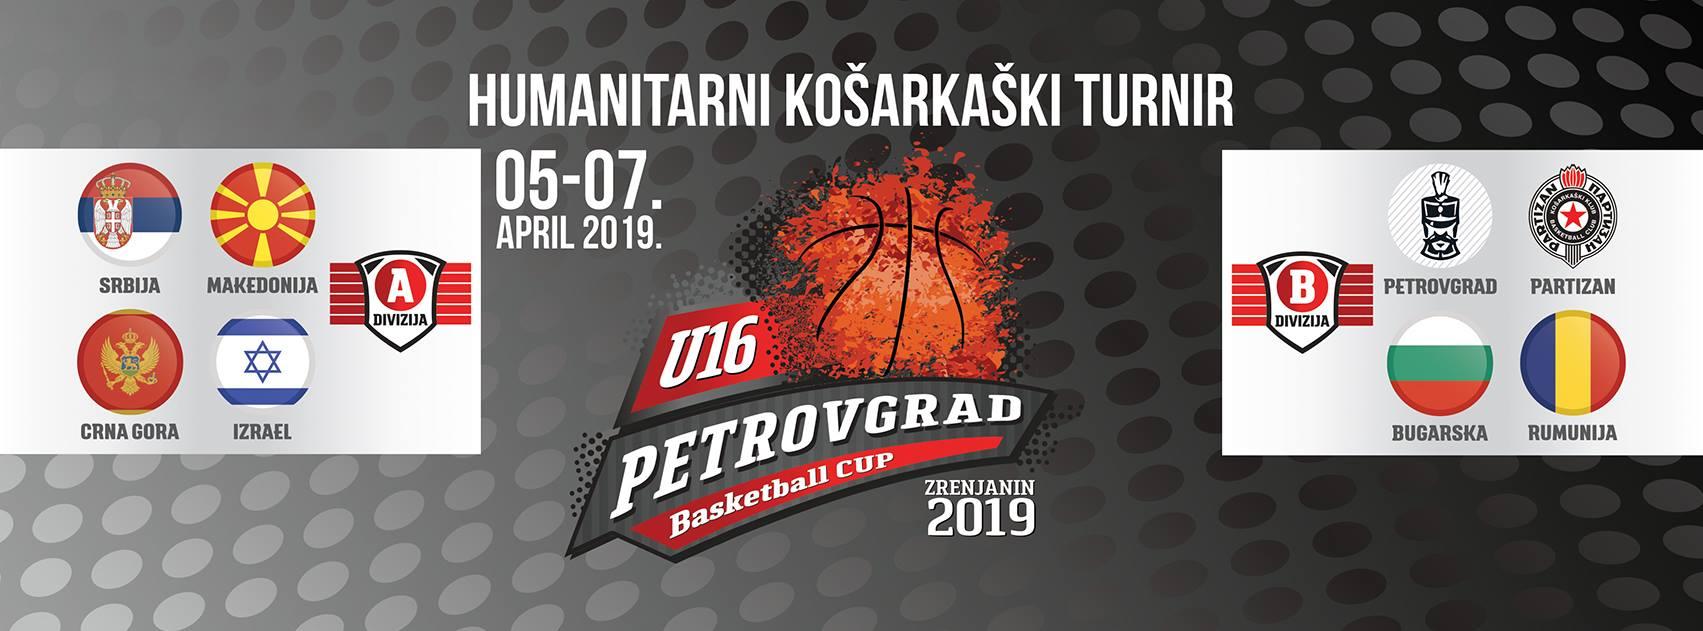 Една победа за кадетите на турнирот во Зрењанин